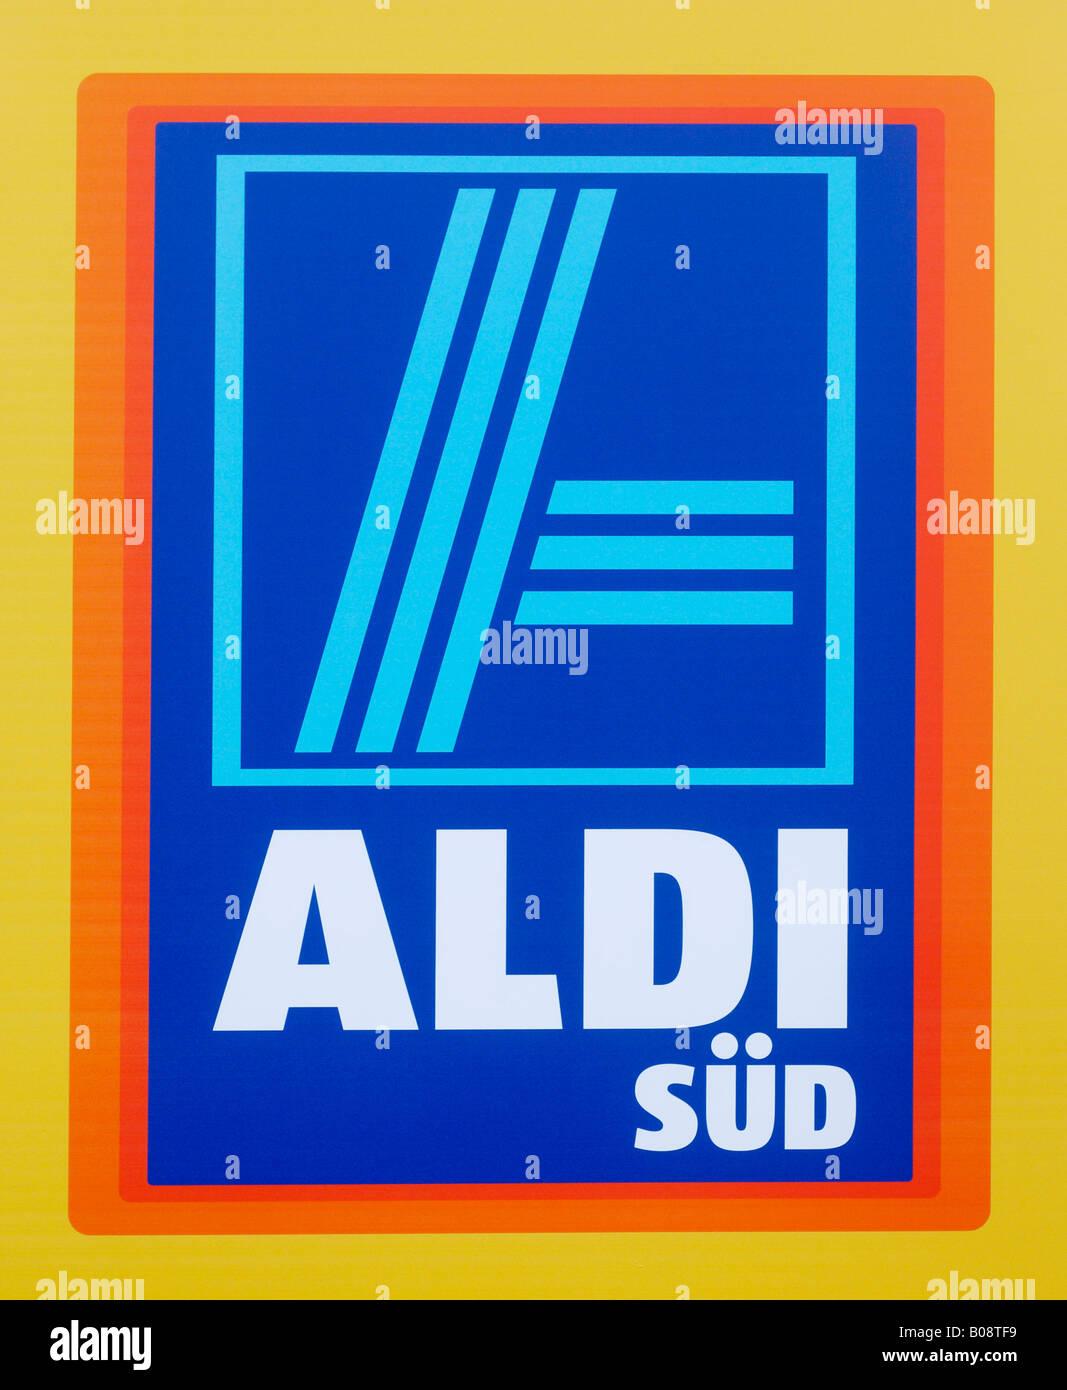 Logo for Aldi Sued (Aldi South) - Stock Image